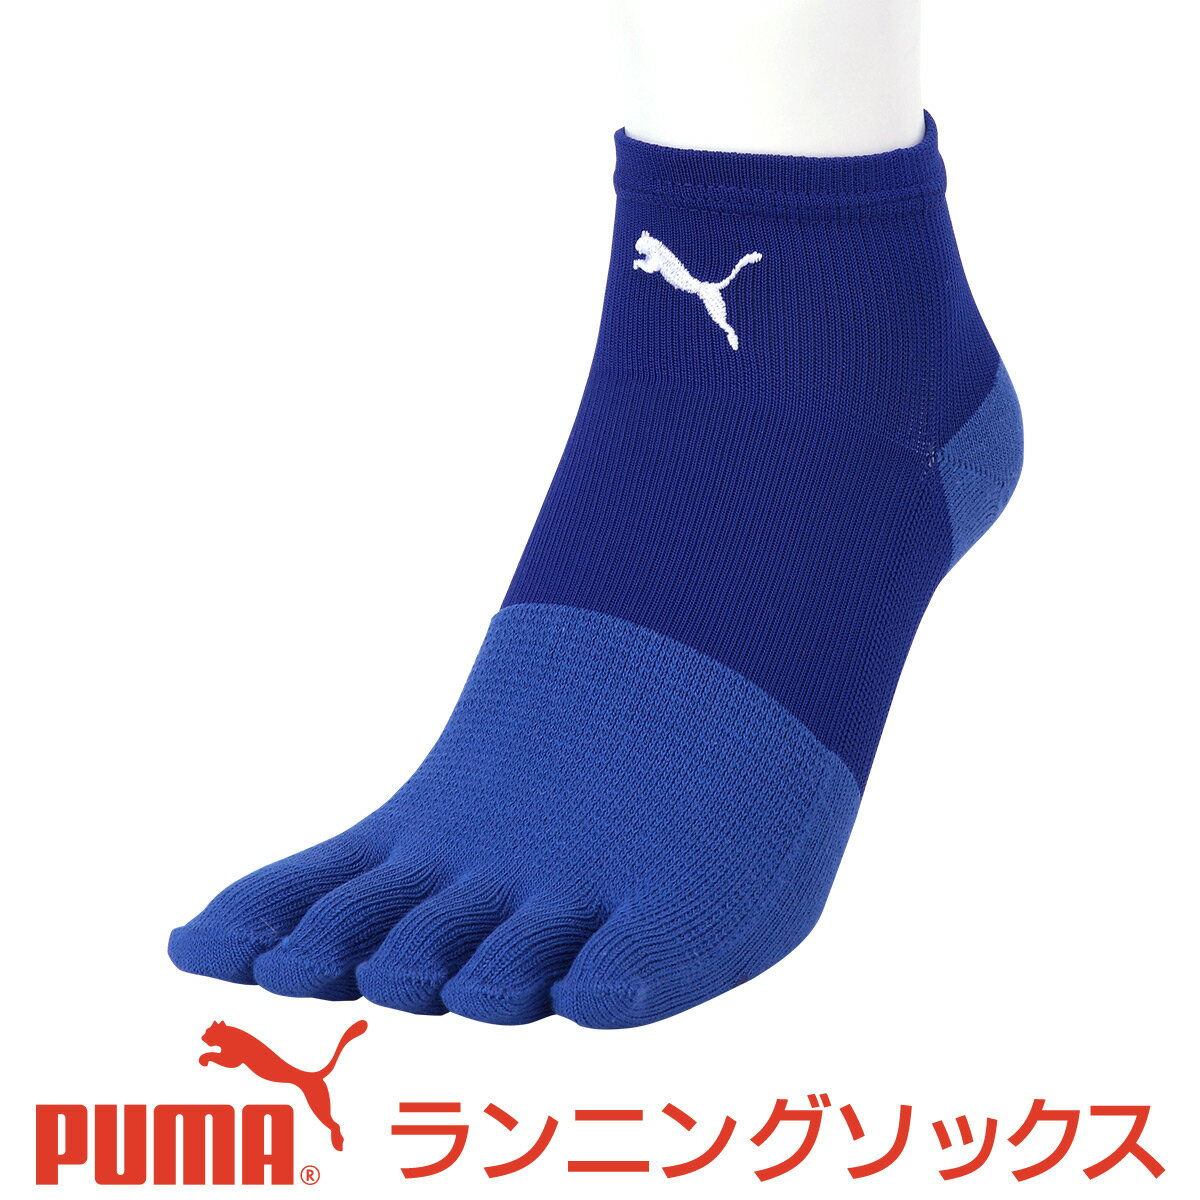 【送料無料】セール!38%OFF PUMA ( プーマ ) メンズ 靴下 足底滑り止め付き アーチフィットサポート 日本製 5本指 マラソン ランニング ソックス 大きいサイズ 28cm 29cm もあり2822-204男性 メンズ プレゼント ギフト 父の日ポイント10倍